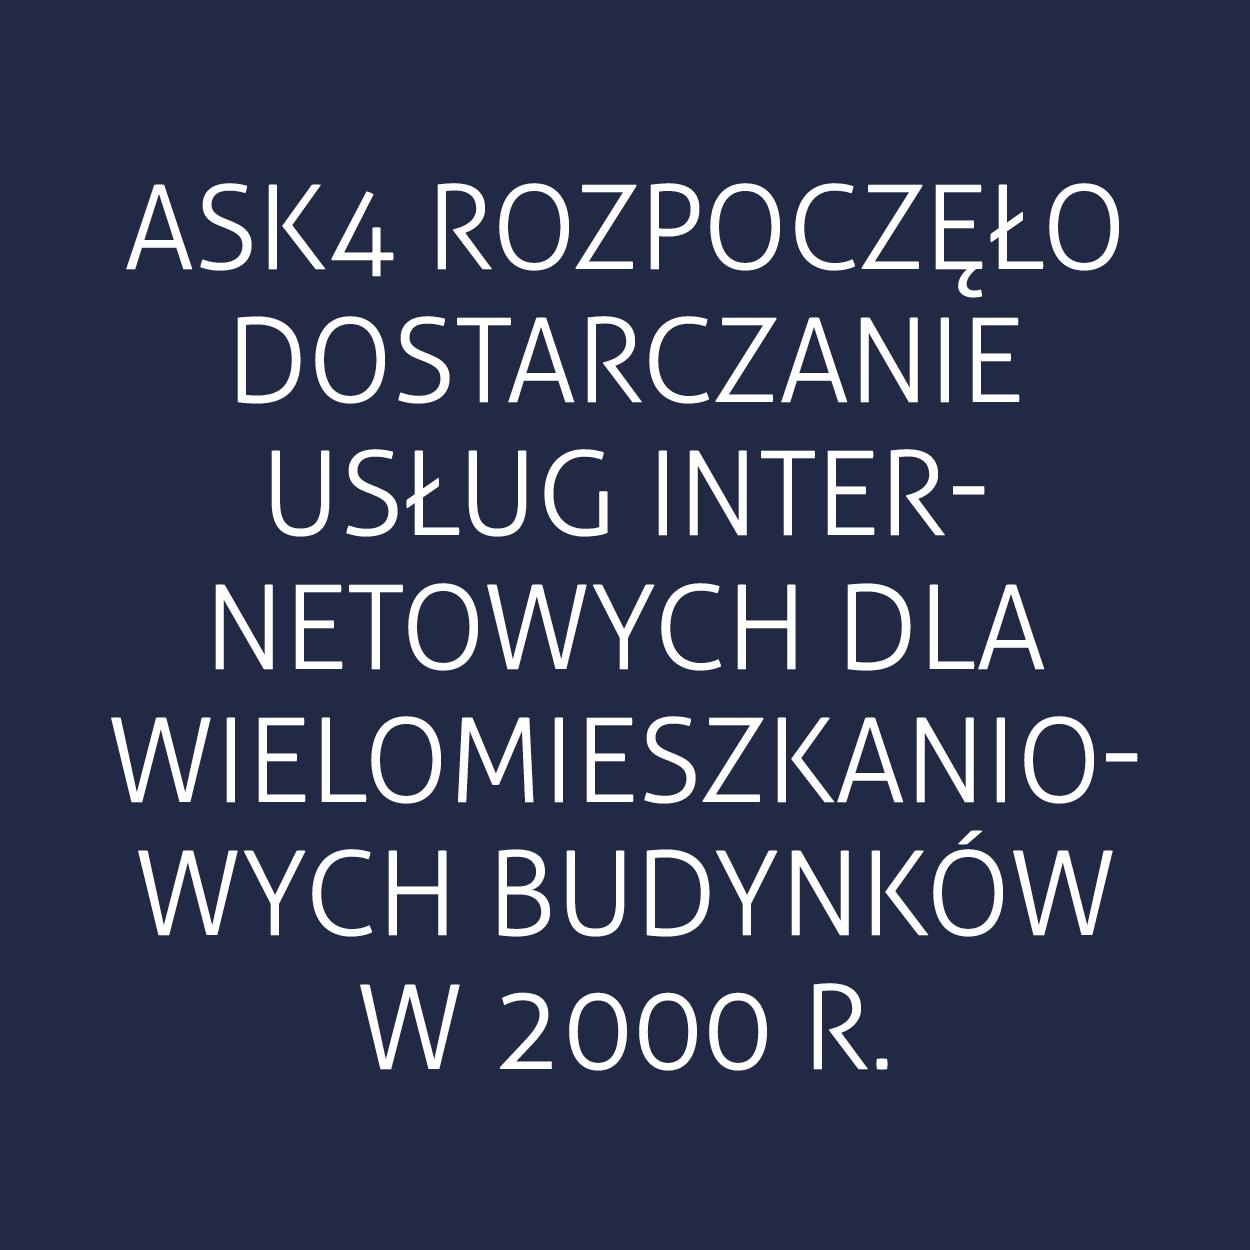 ASK4 rozpoczęło dostarczanie usług internetowych dla wielomieszkaniowych budynków w 2000